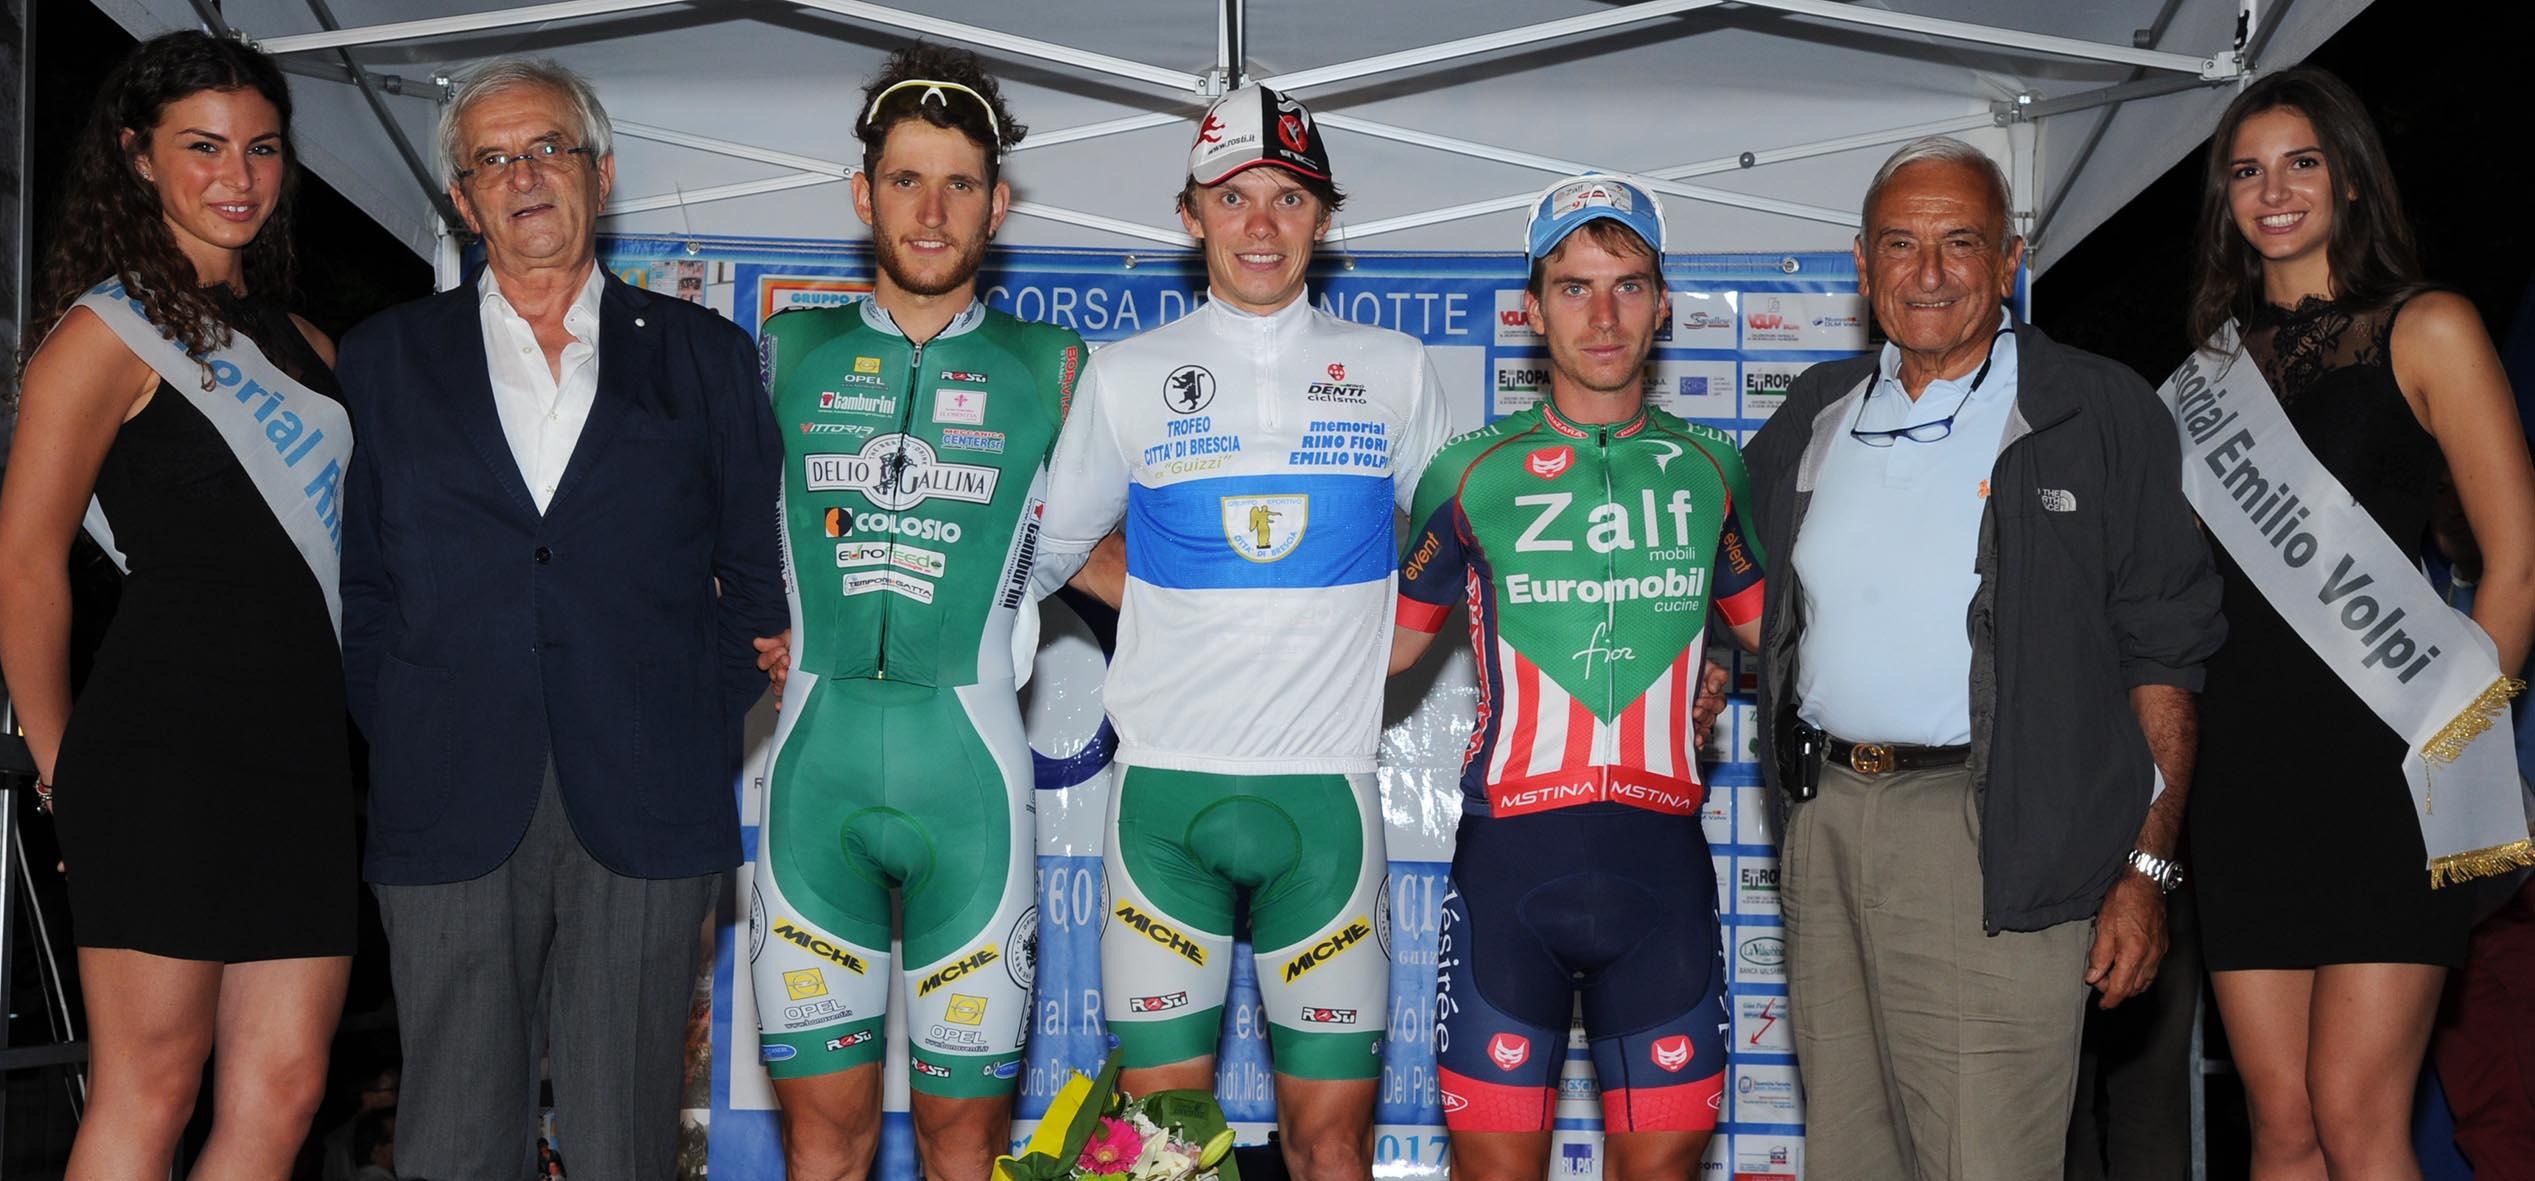 Il podio del 54° Trofeo Città di Brescia